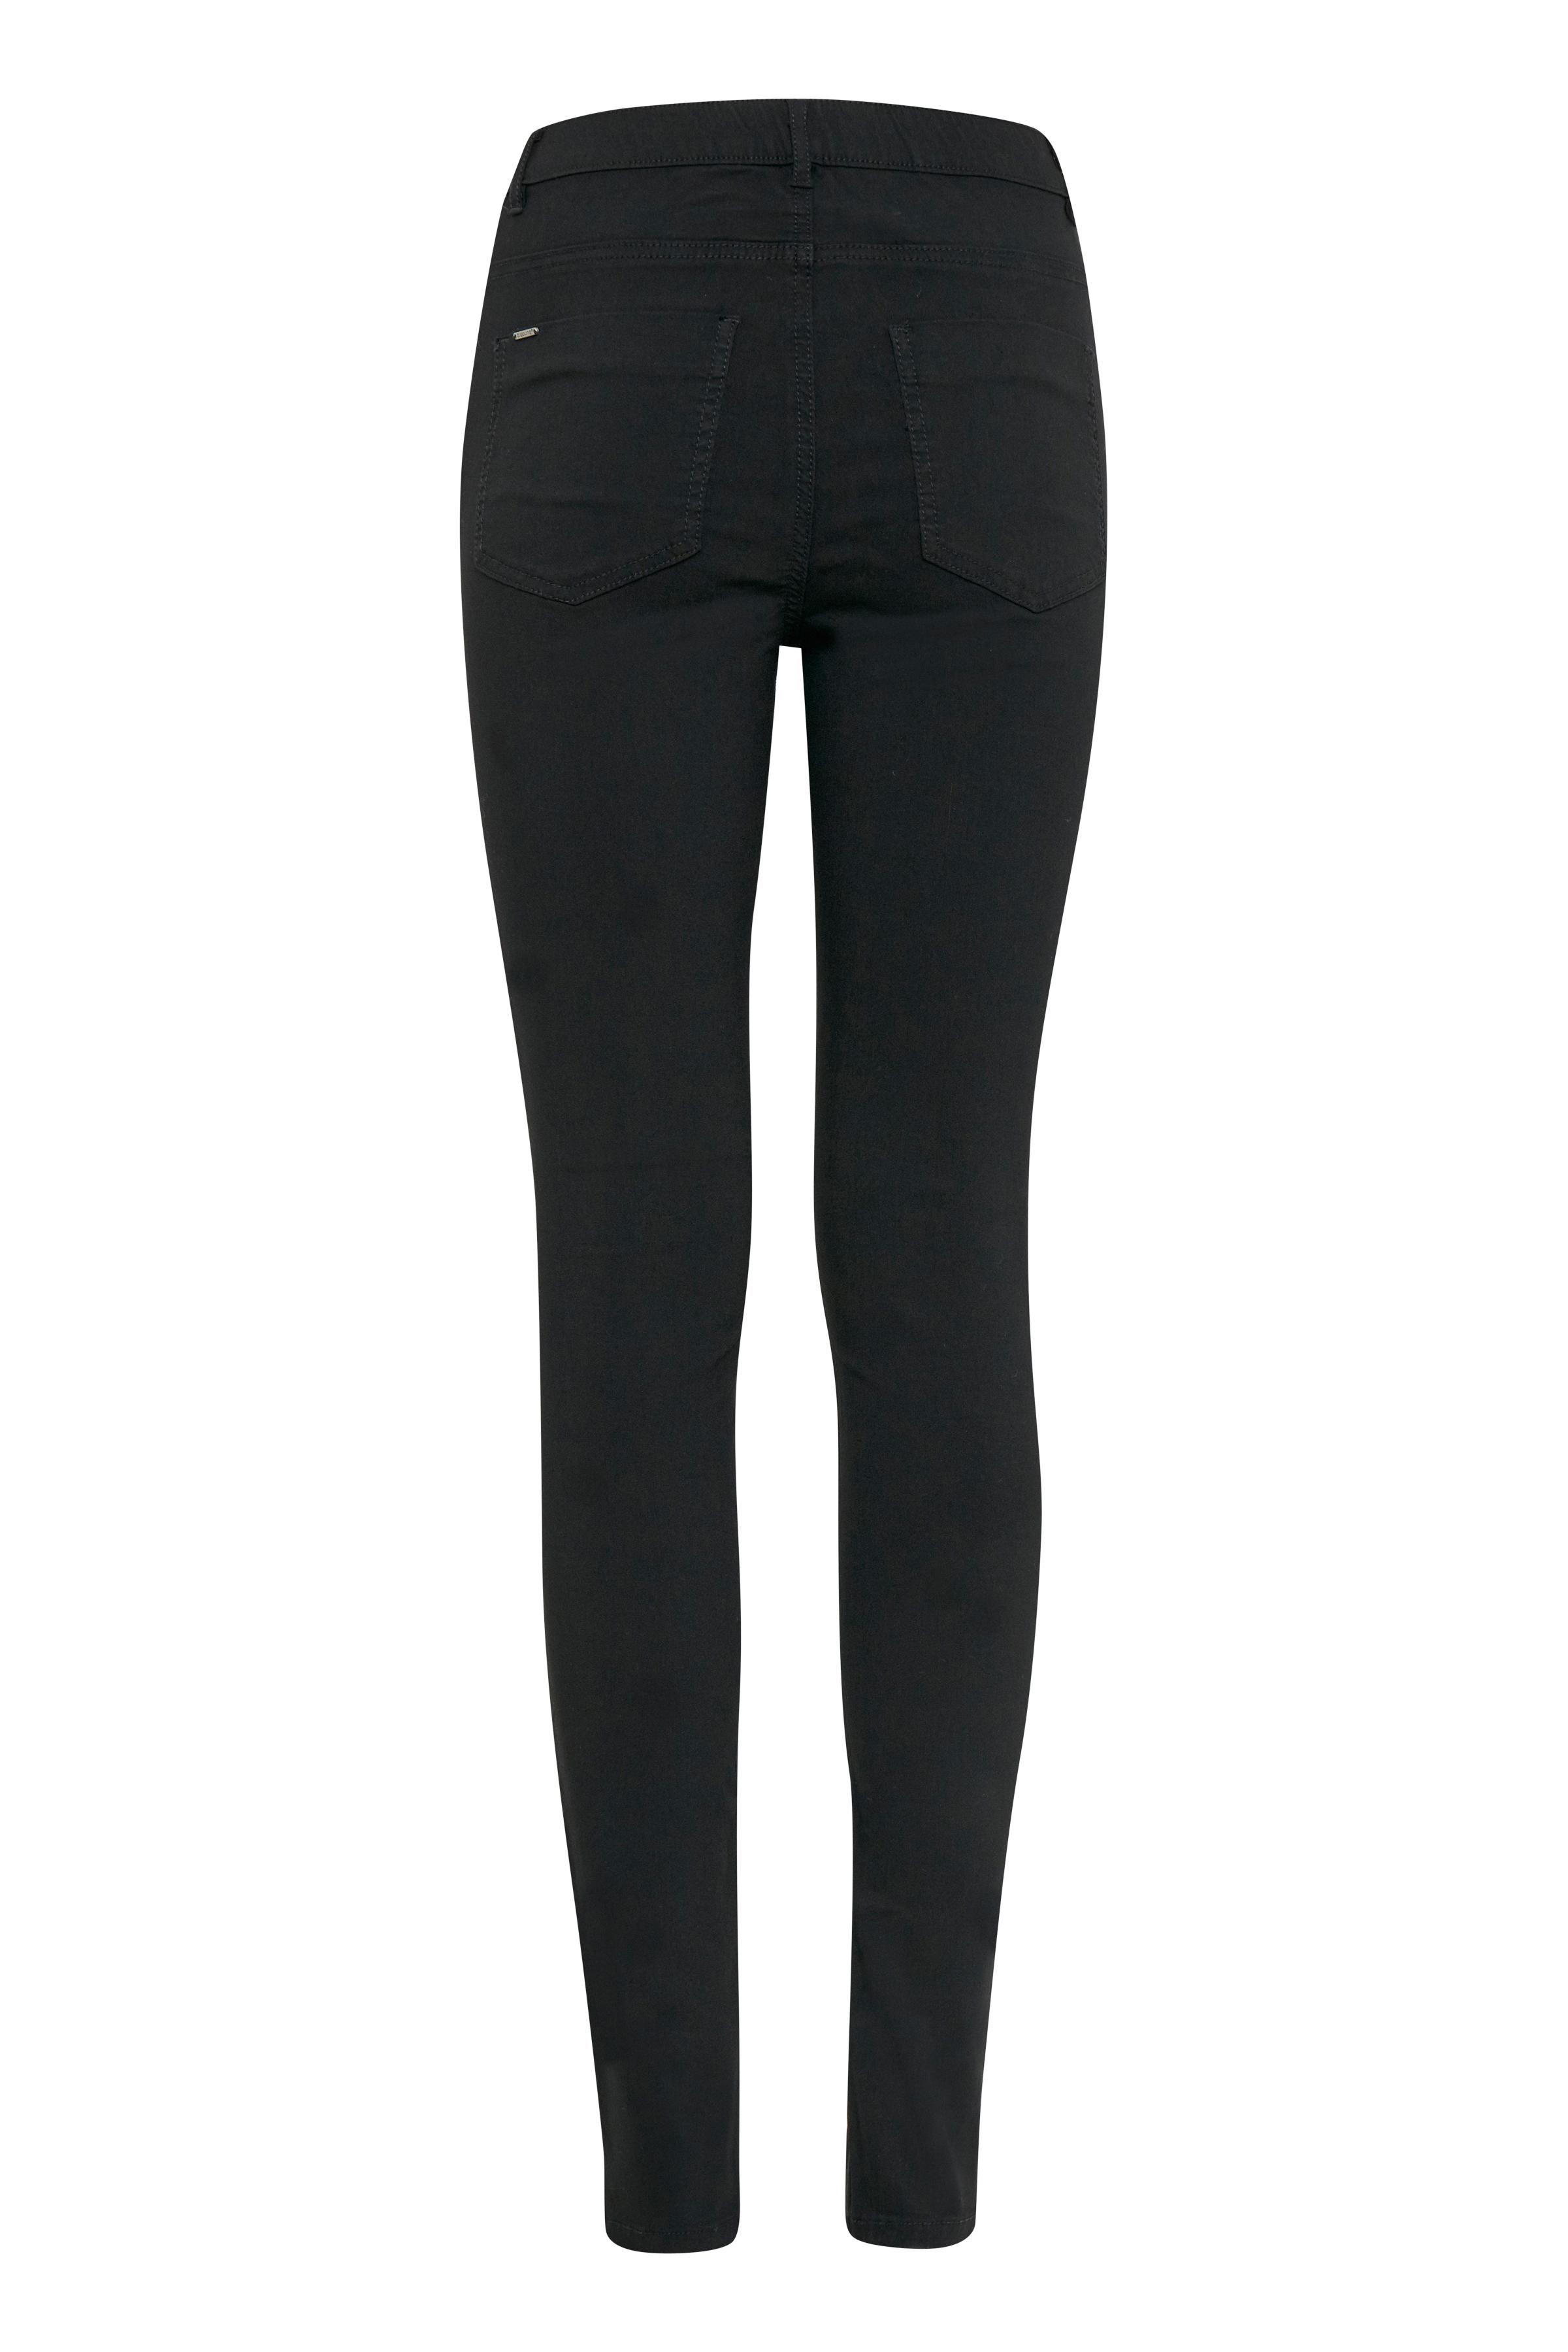 Black Pants Casual fra b.young – Køb Black Pants Casual fra str. 34-44 her